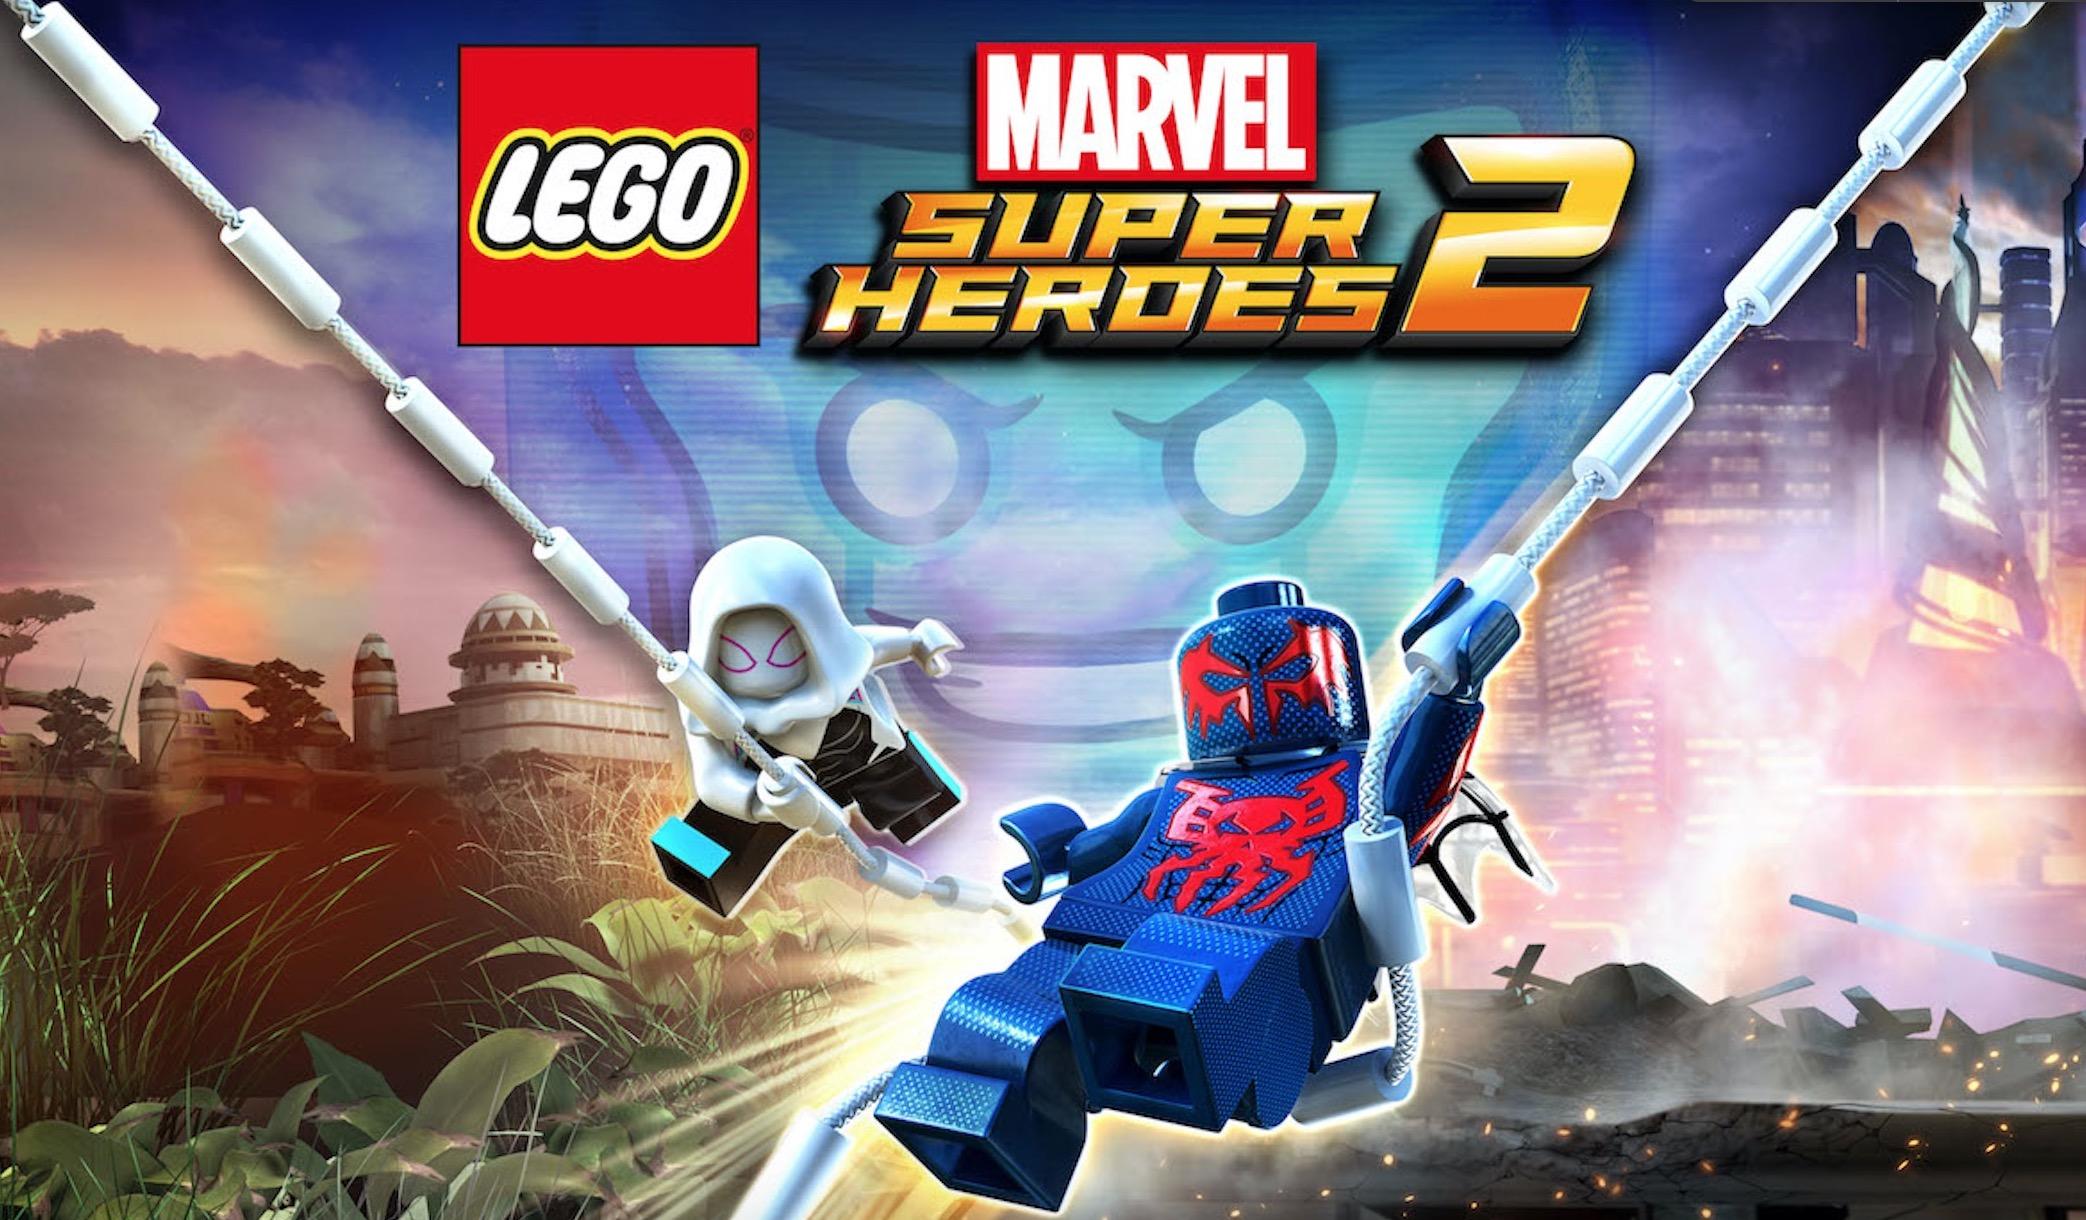 LEGO Marvel Super Heroes 2, svelato il nuovo trailer della storia – VIDEO